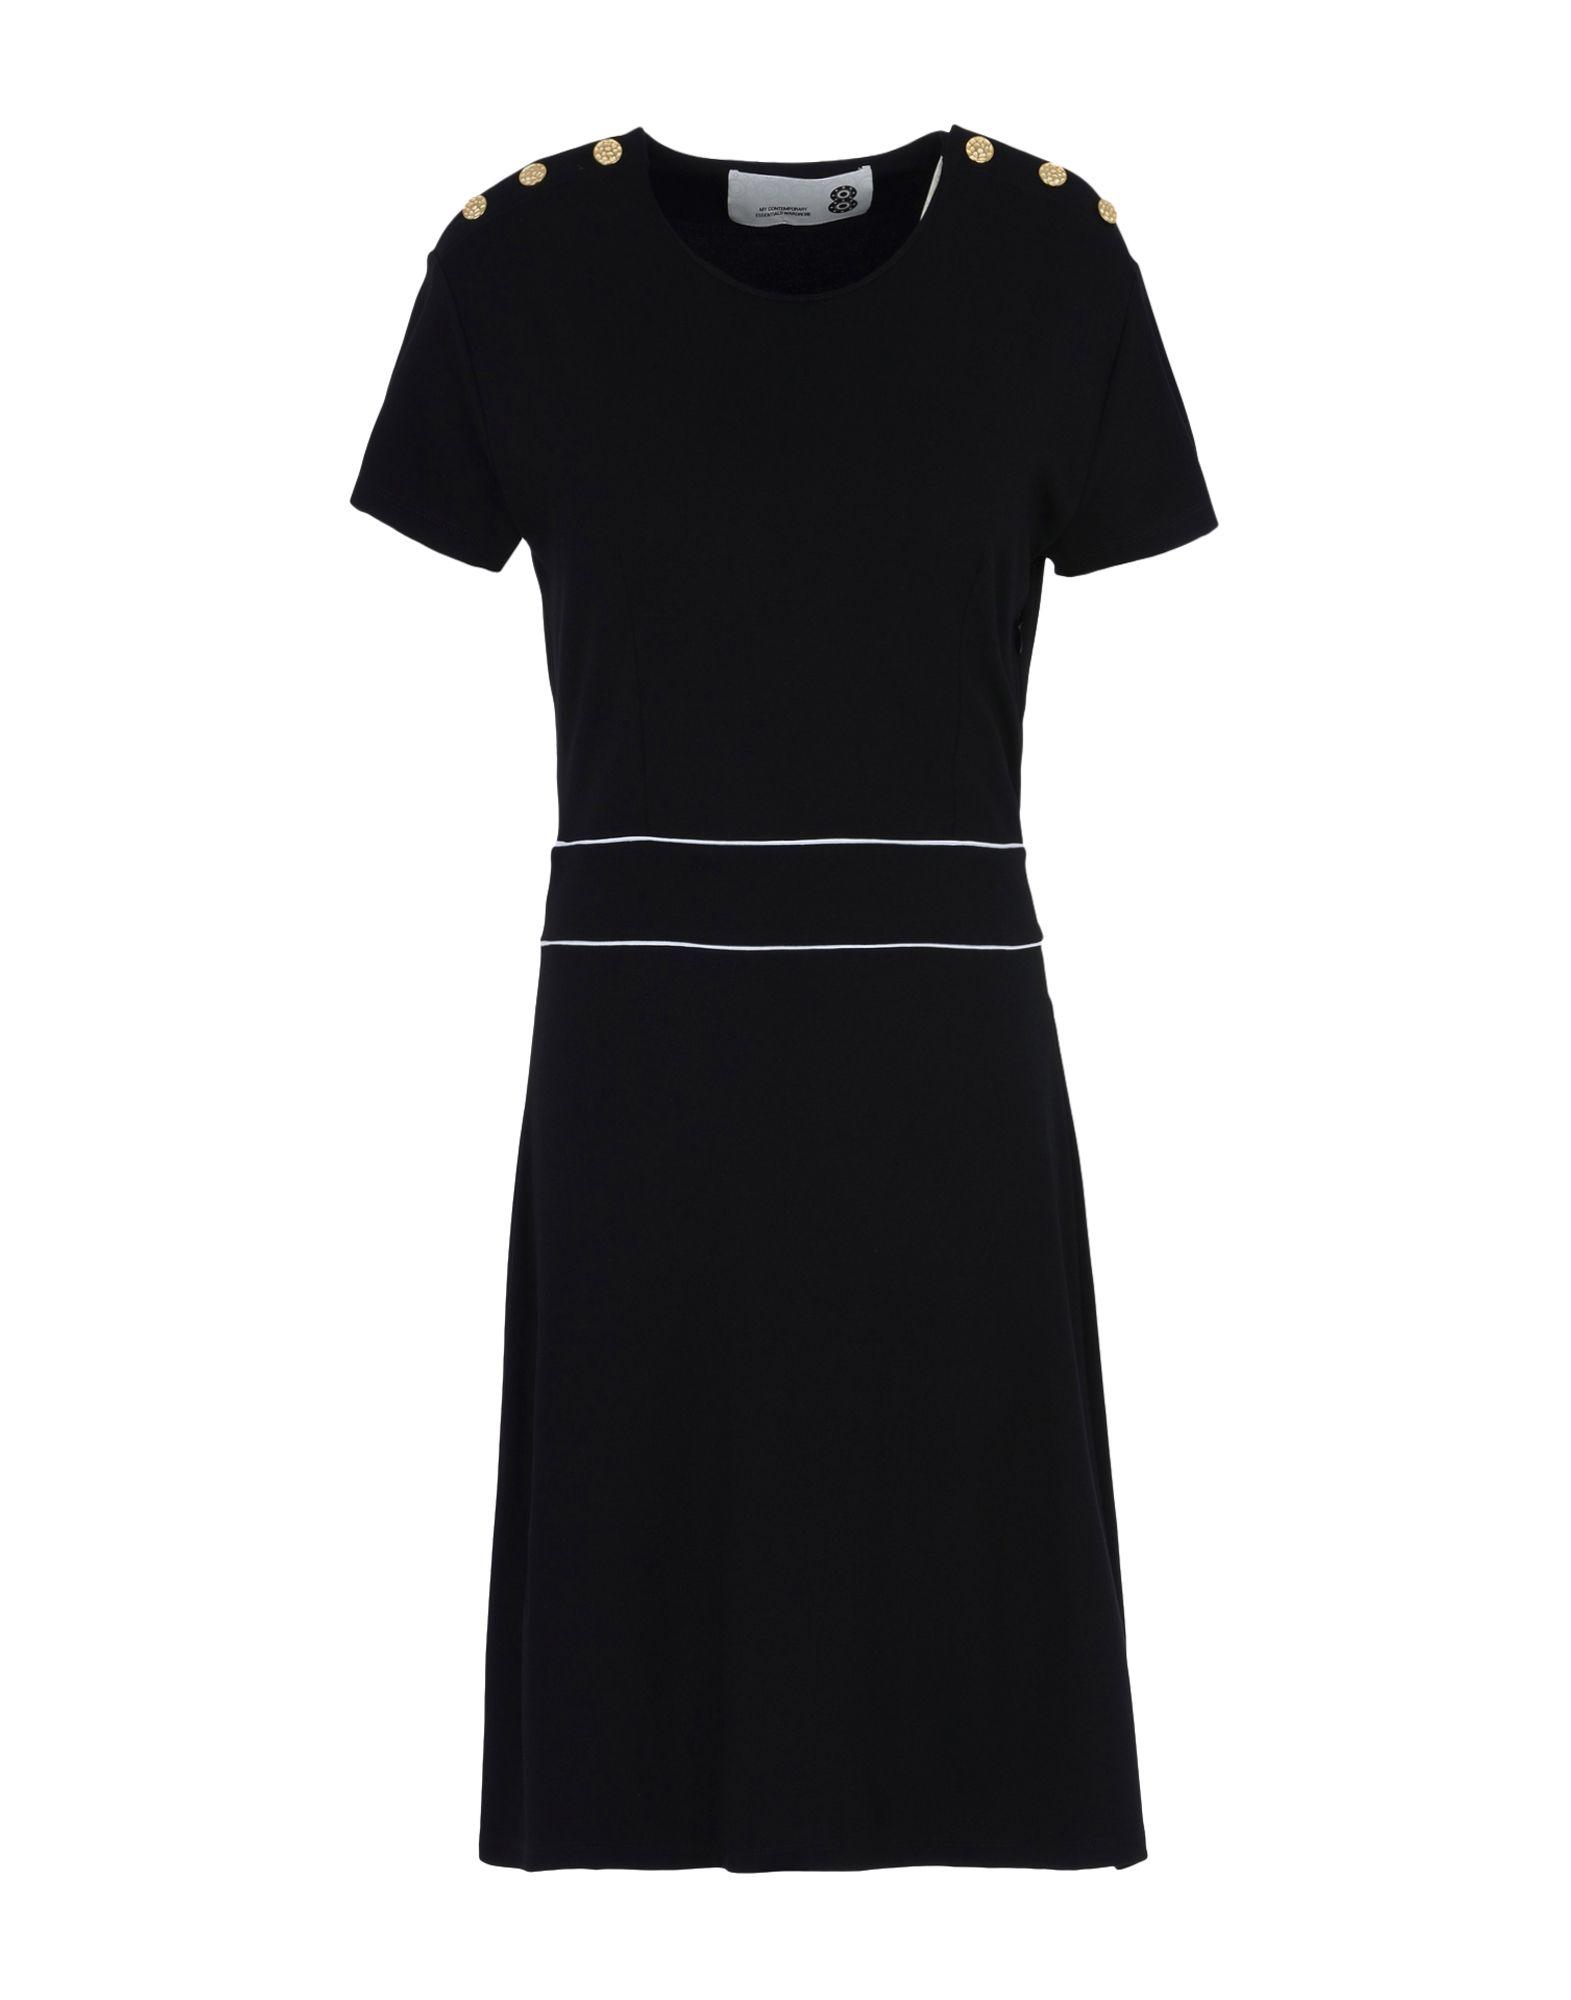 8 Короткое платье oglich короткое платье